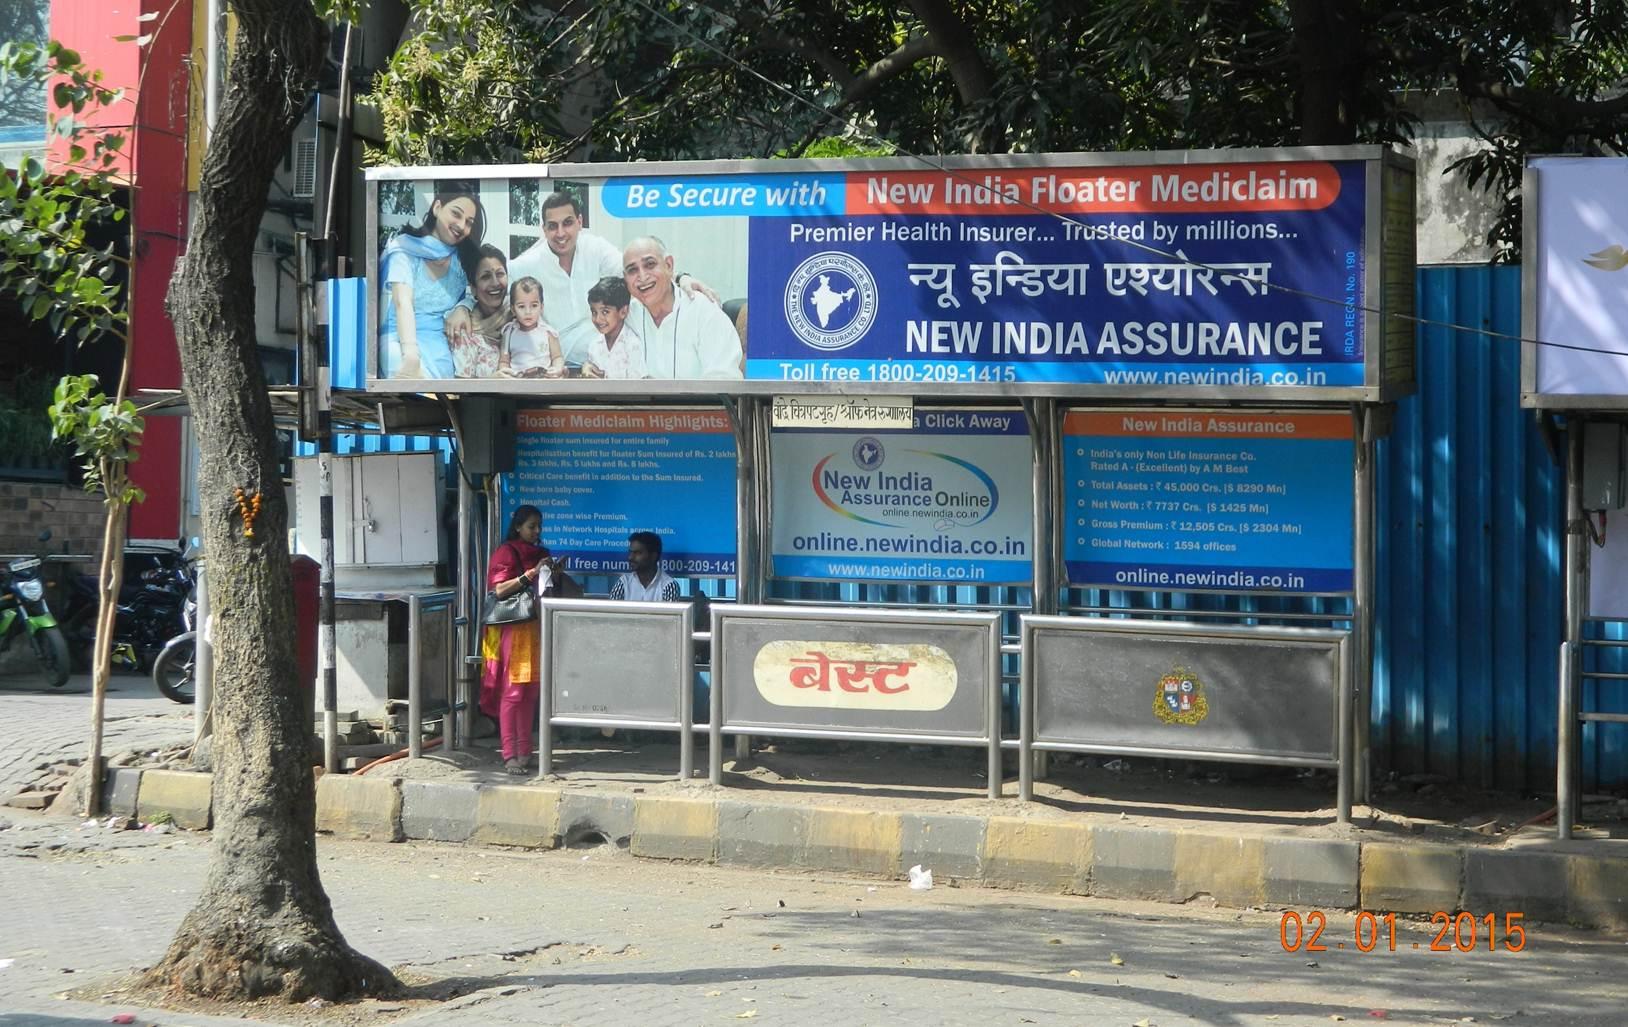 Bandra Talkies Opp Gaity Galaxy Up, Mumbai